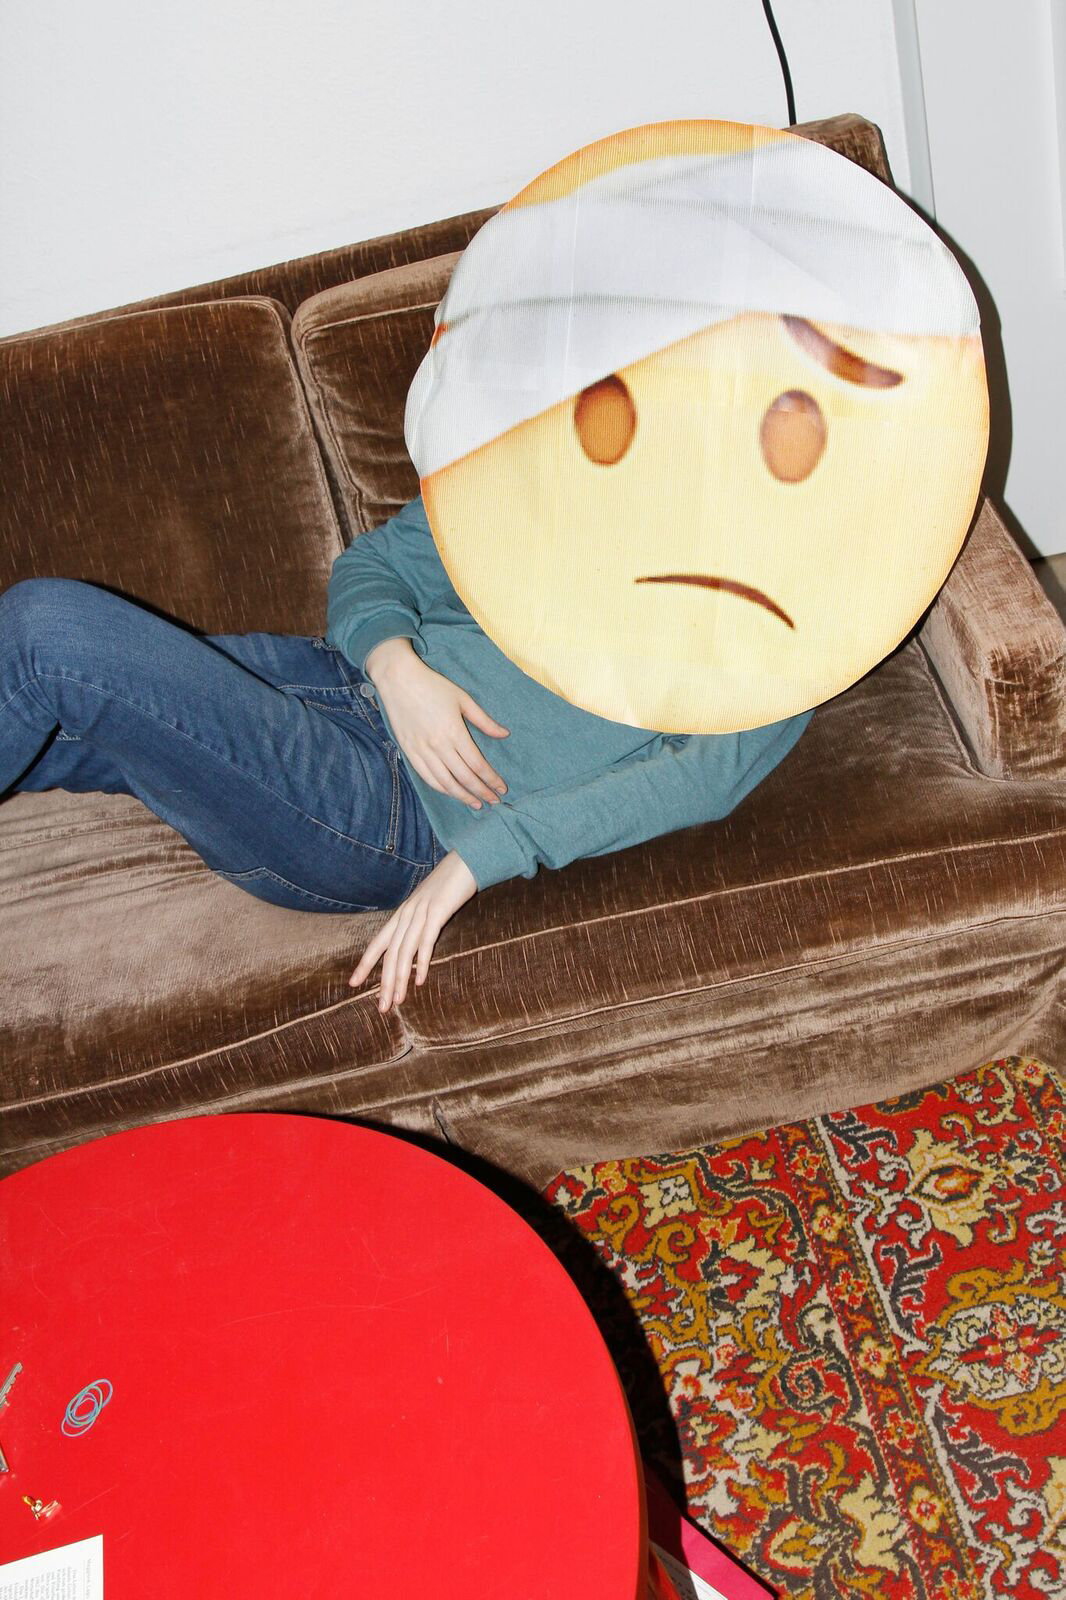 Emoji mit Kopfverband liegt auf einem Sofa (Foto: Renke Brandt)